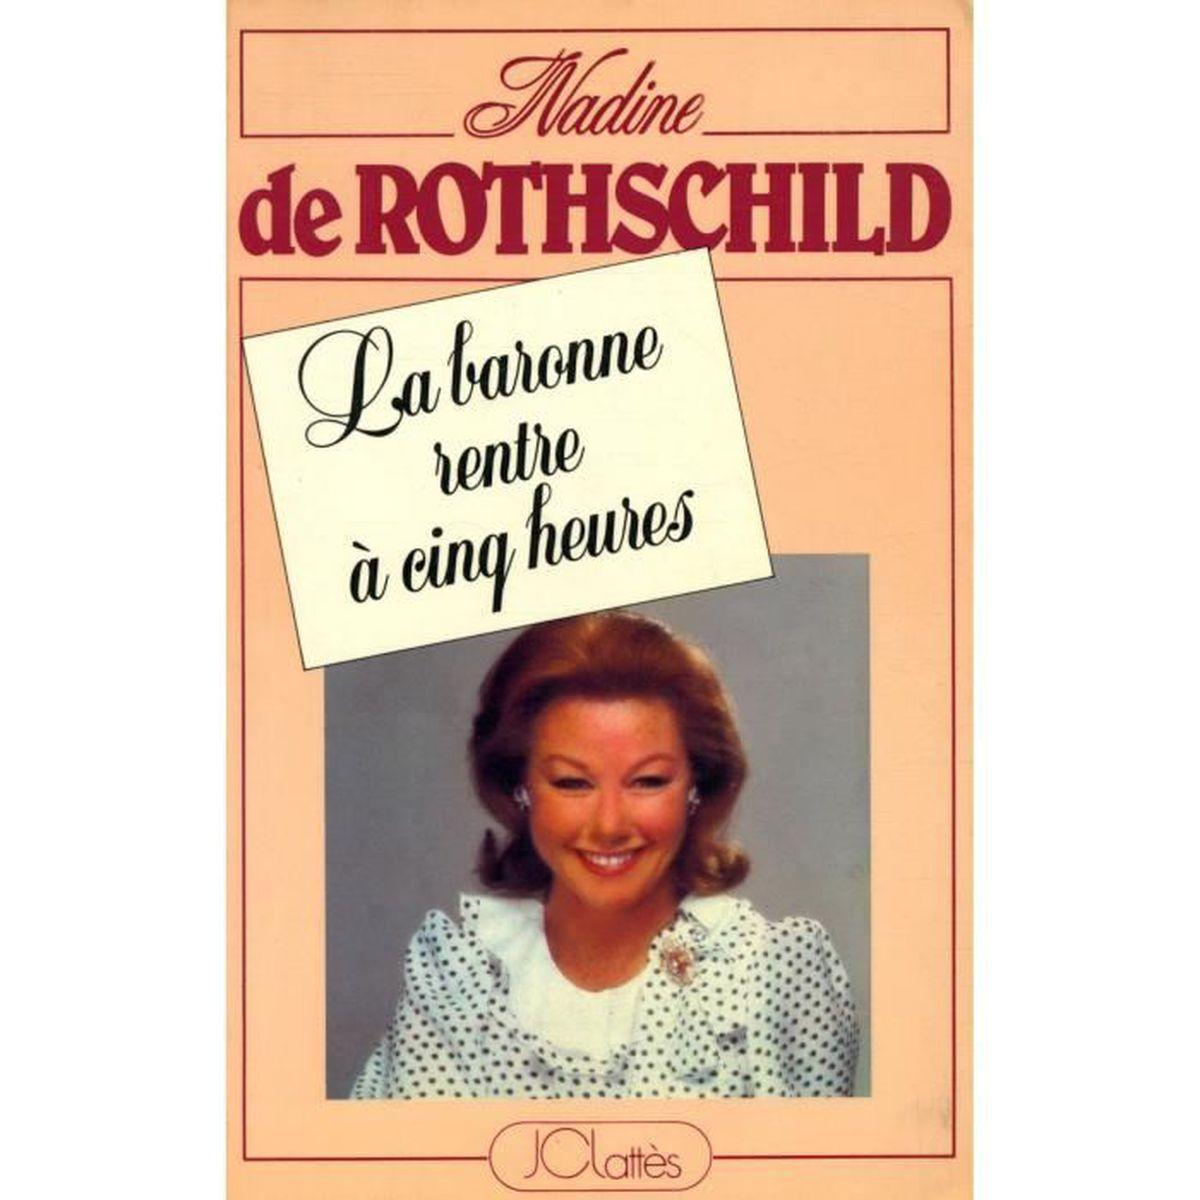 La Baronne Rentre A Cinq Heures Nadine De Rothschild Ref32838 Achat Vente Livre Parution Pas Cher Soldes Sur Cdiscount Des Le 20 Janvier Cdiscount